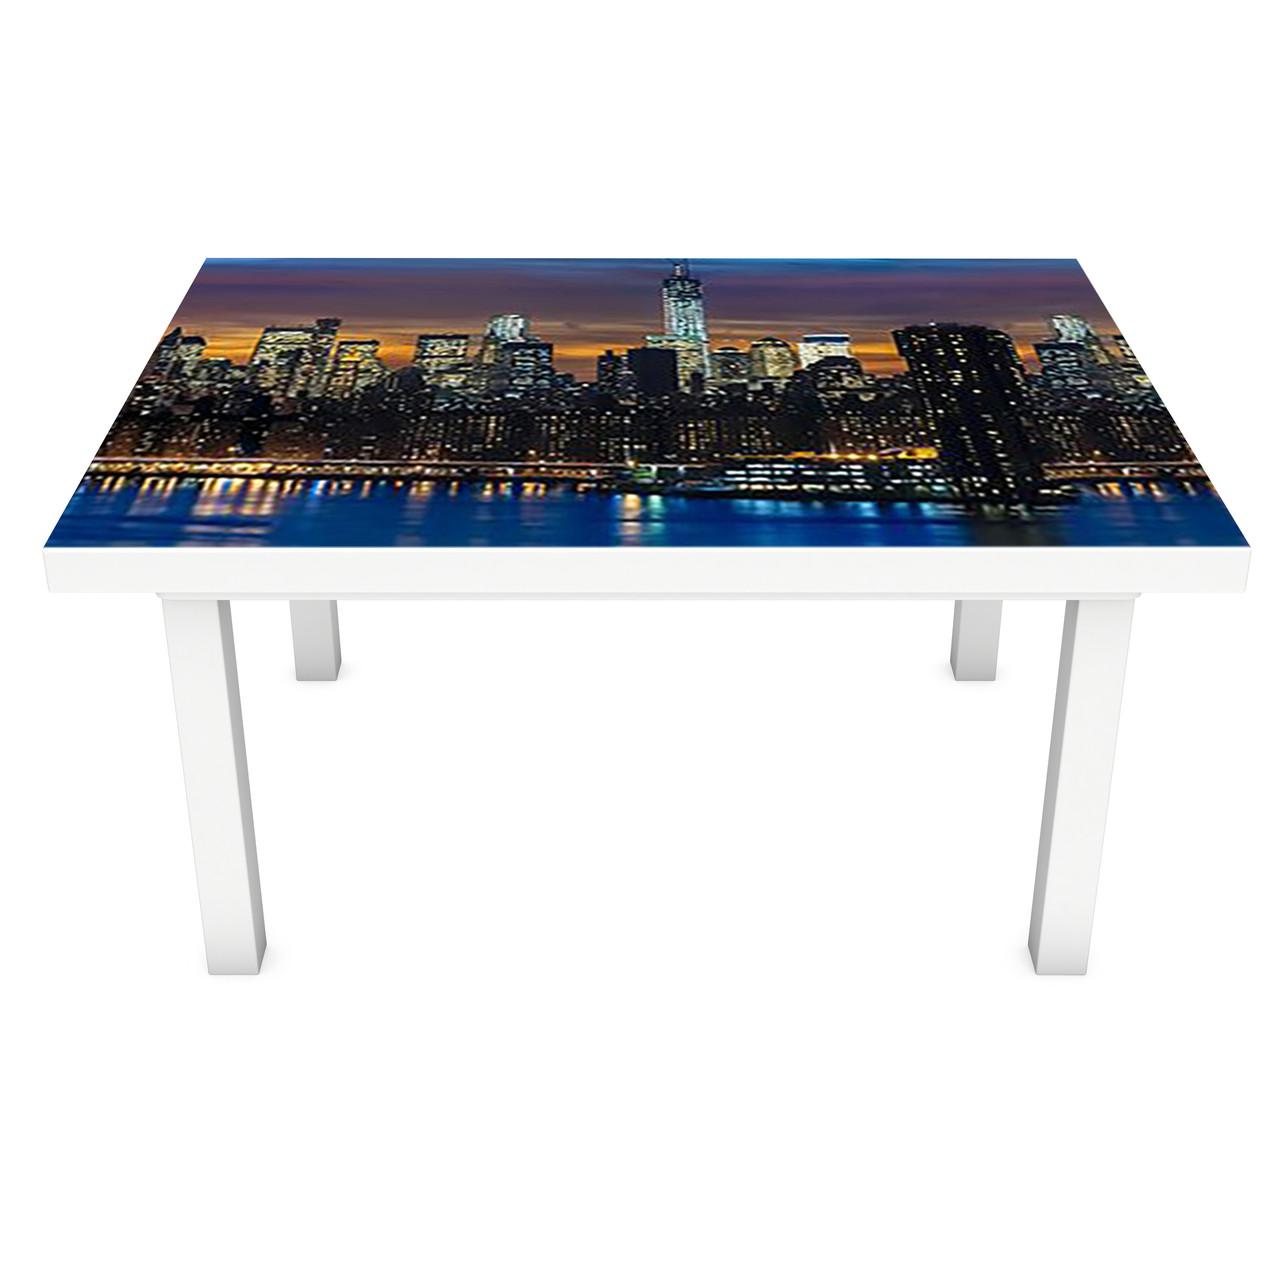 Наклейка на стол Ночной Город река (3Д виниловая пленка ПВХ) Архитектура Синий 600*1200 мм